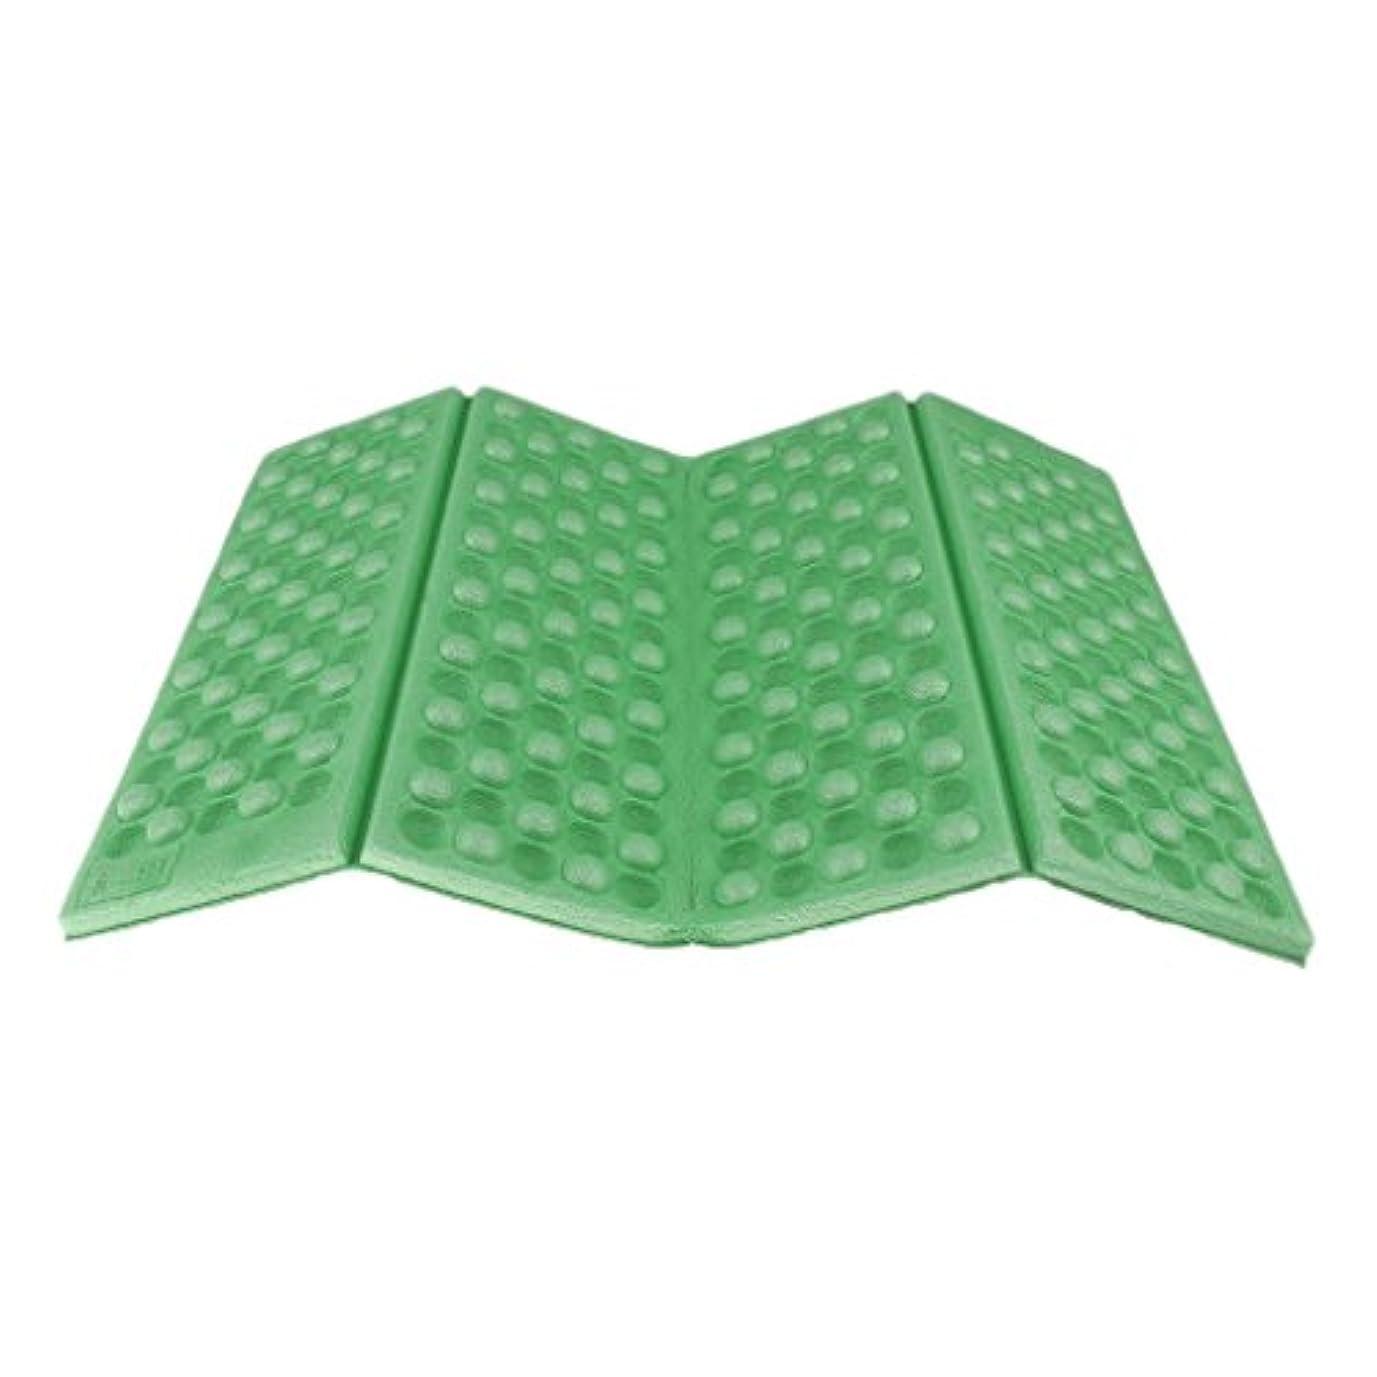 ノーブランド品 2枚 お買い得 携帯 折りたたみ 座布団 クッション シート マット 軽量コンパクト アウトドア (グリーン)